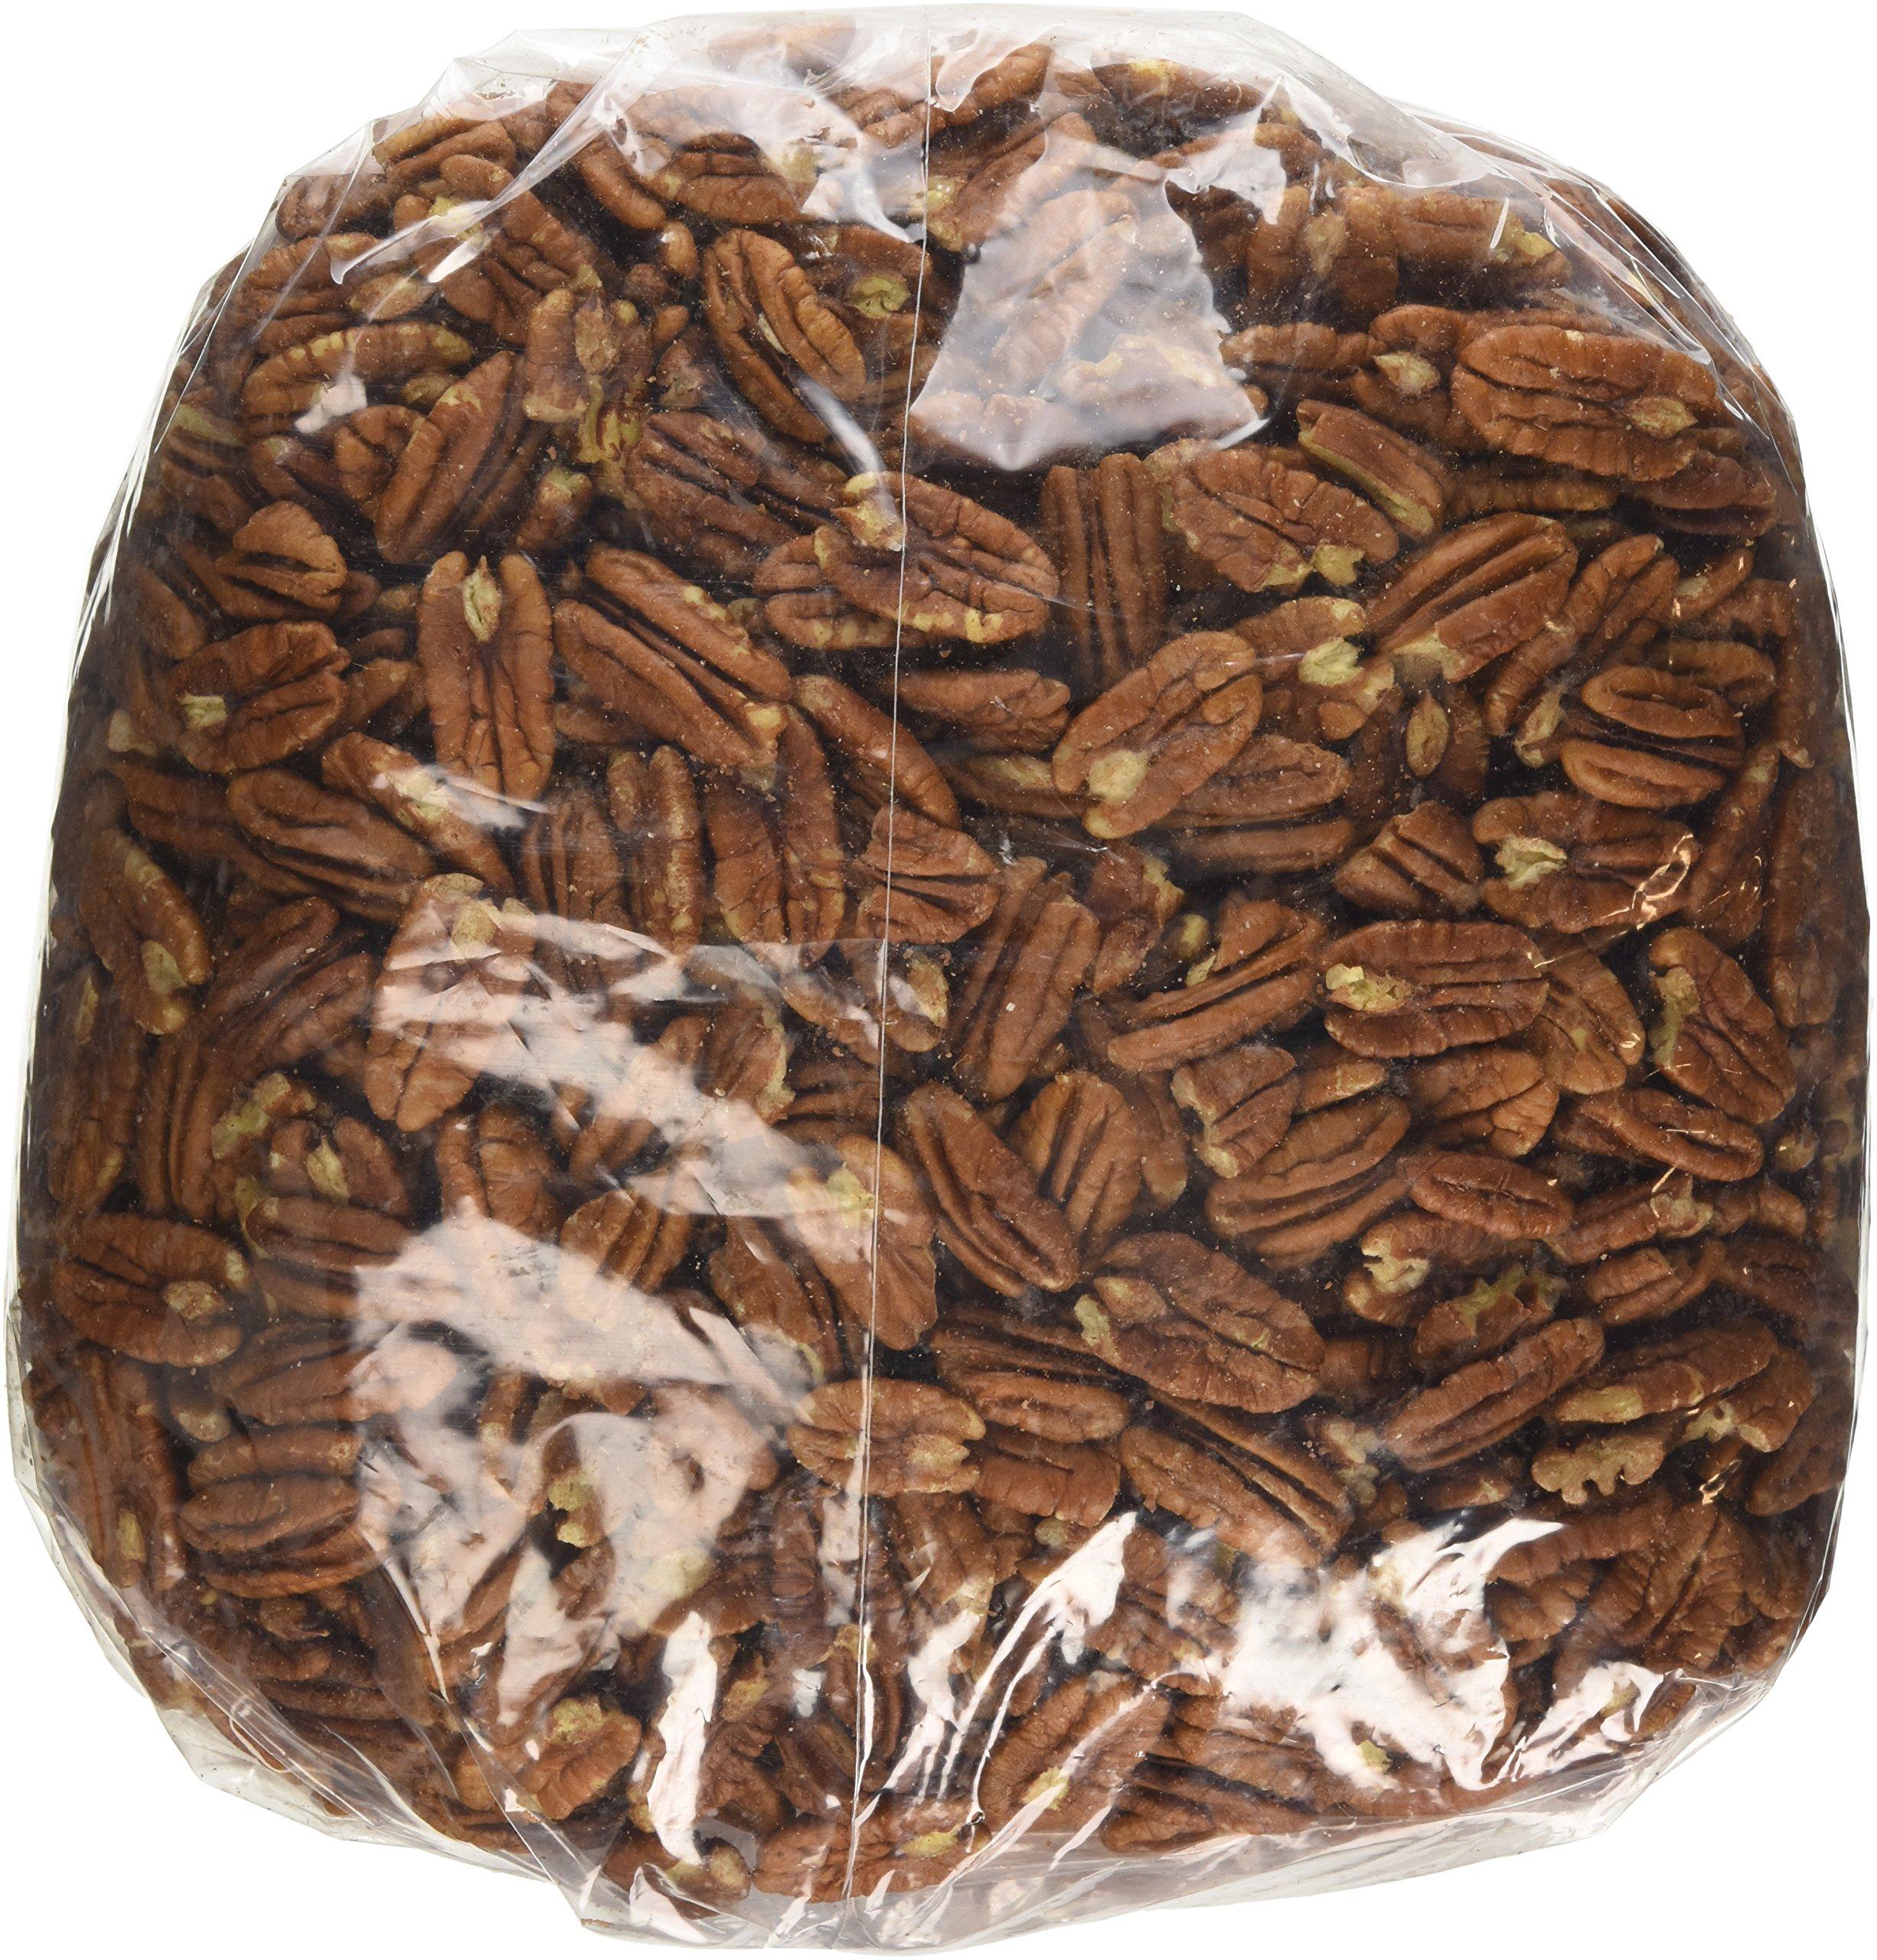 BULK NUTS NUT USA. PECAN HALVES JR MAMMO, 5 LB